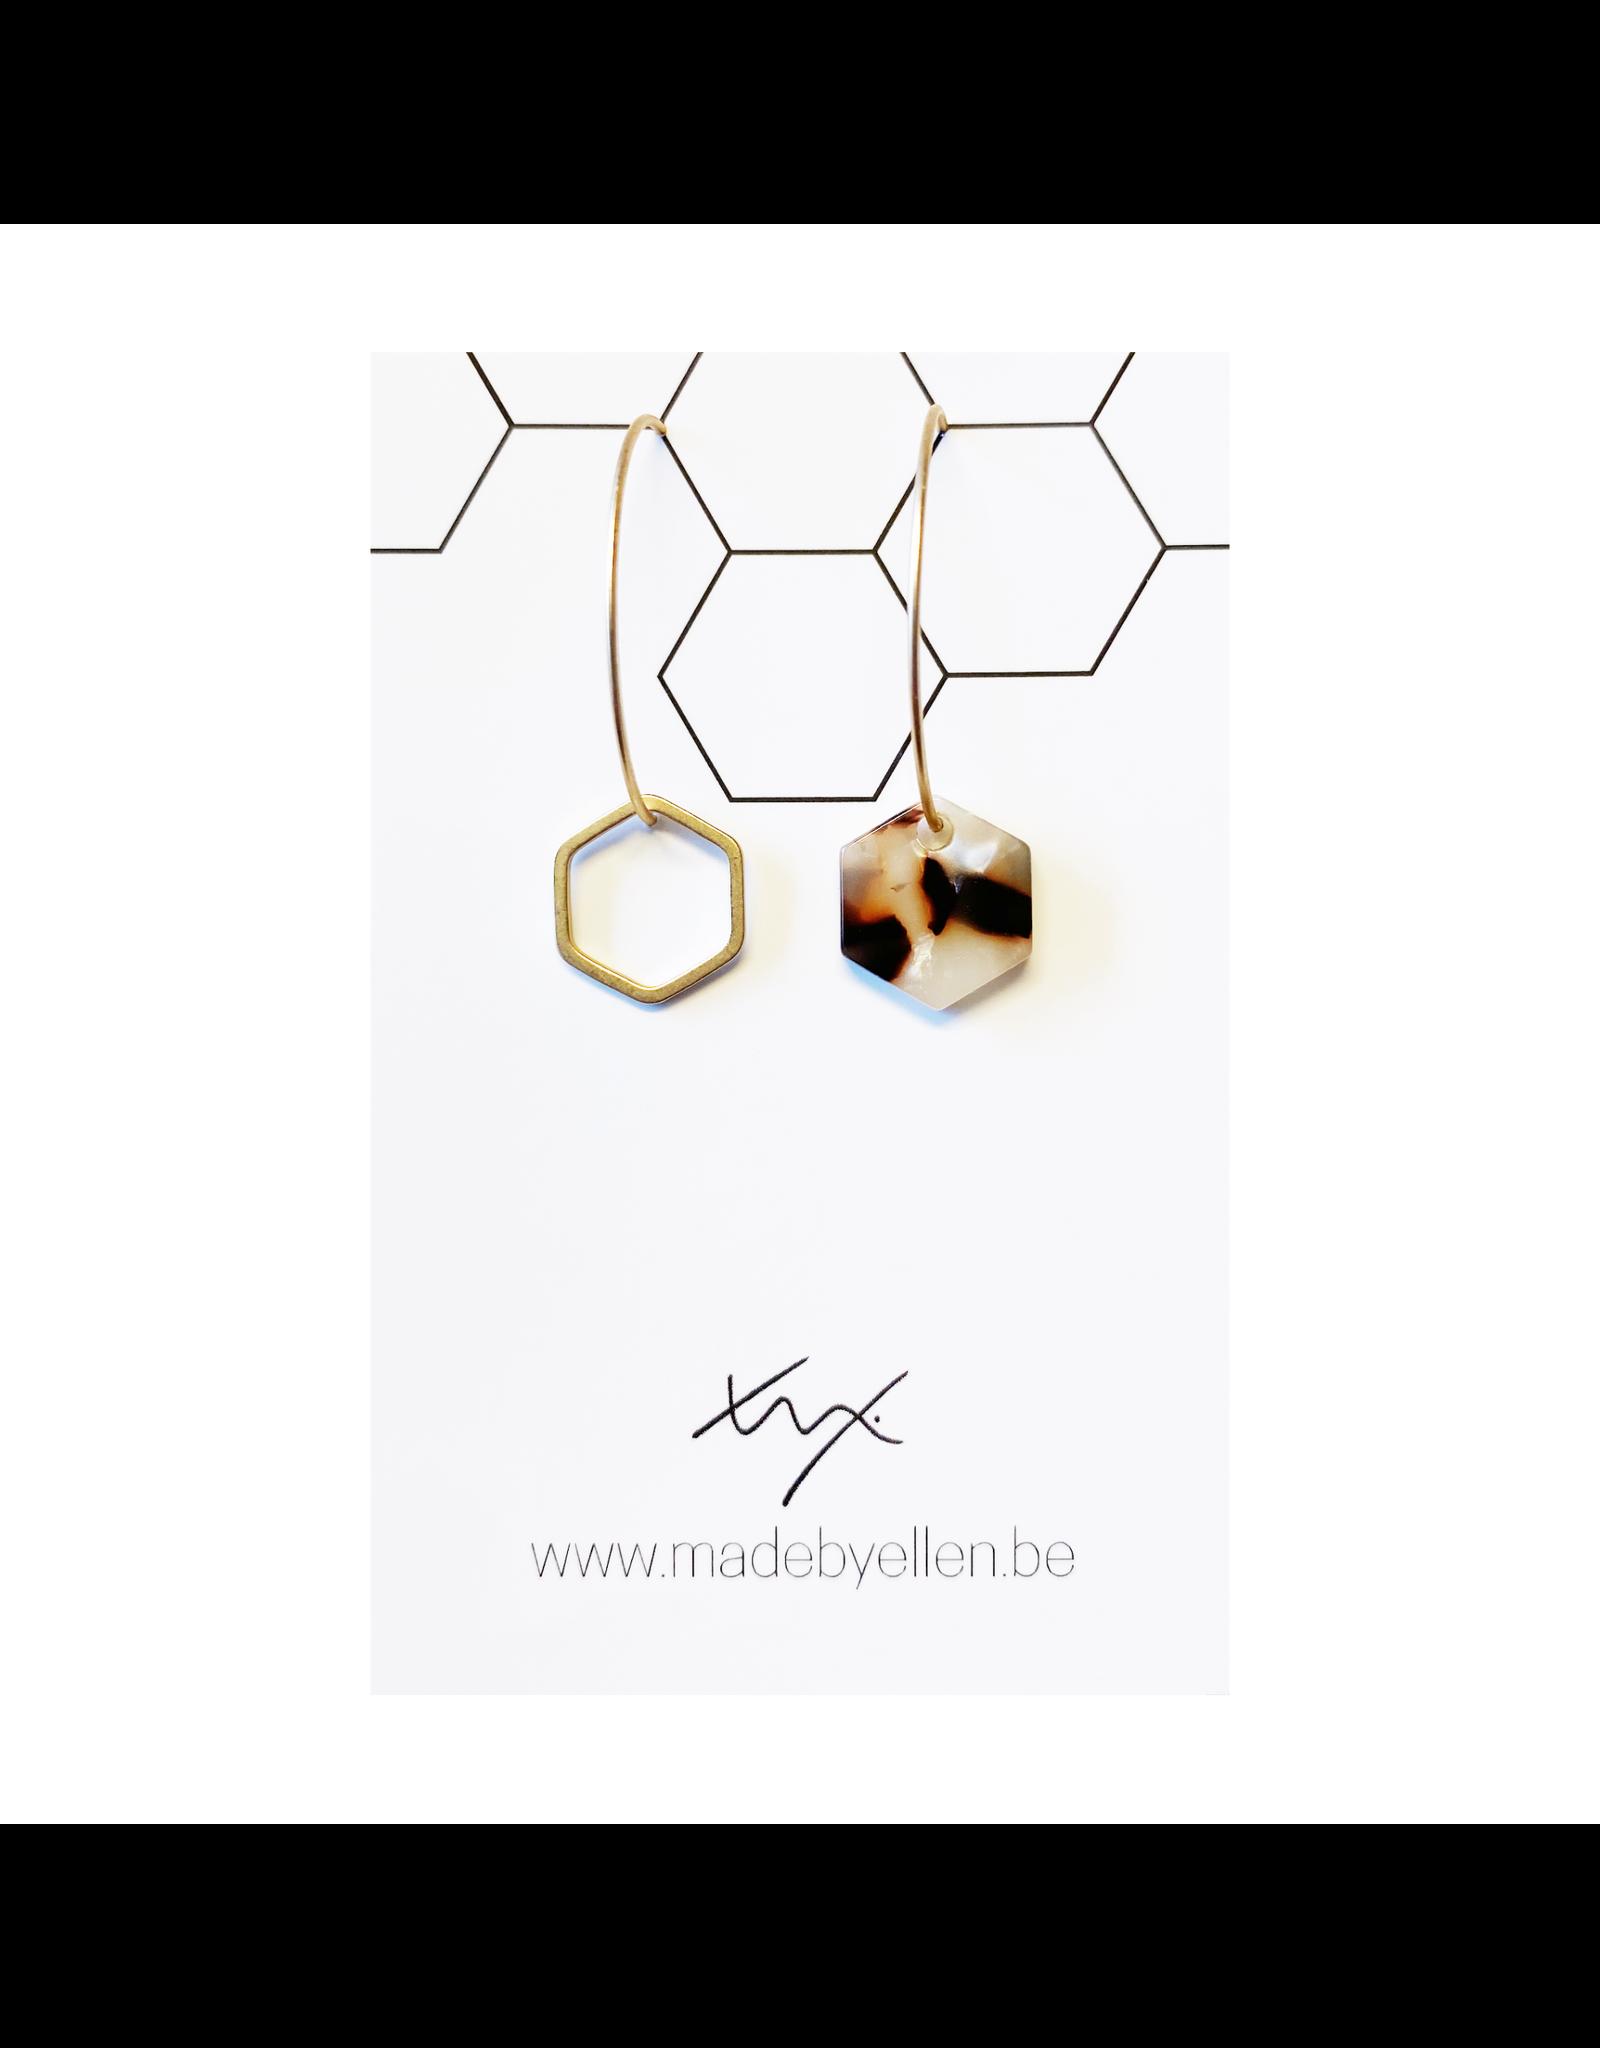 oorbEllen acryl zeshoekje asymmetrisch creool beige